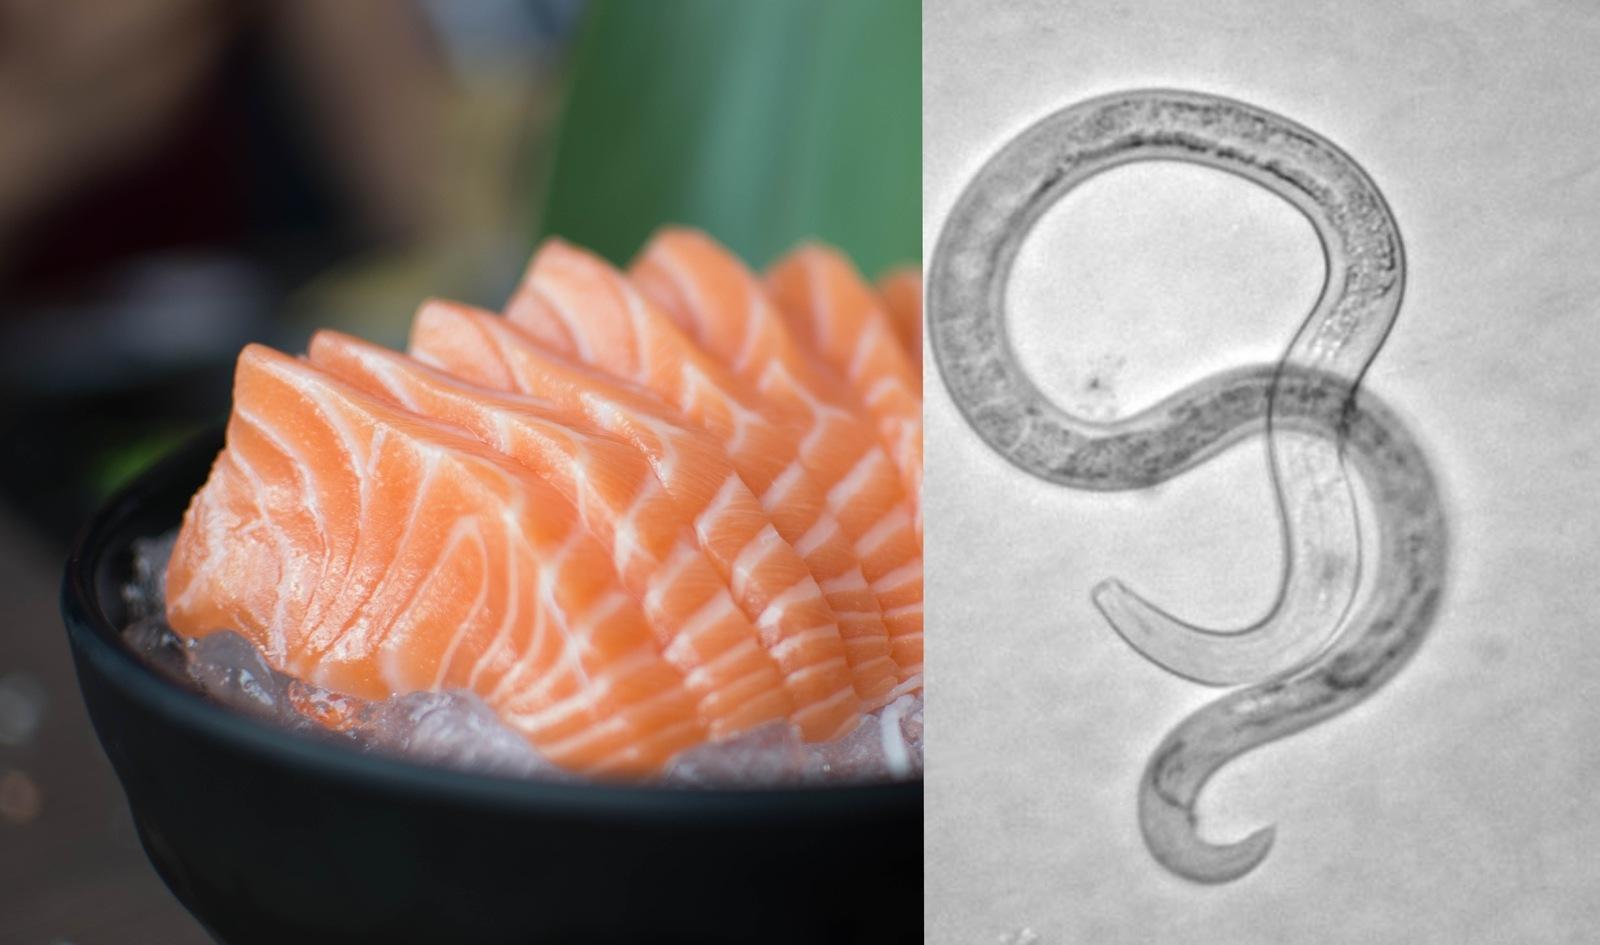 Анисакиоз - опасность при употреблении суши